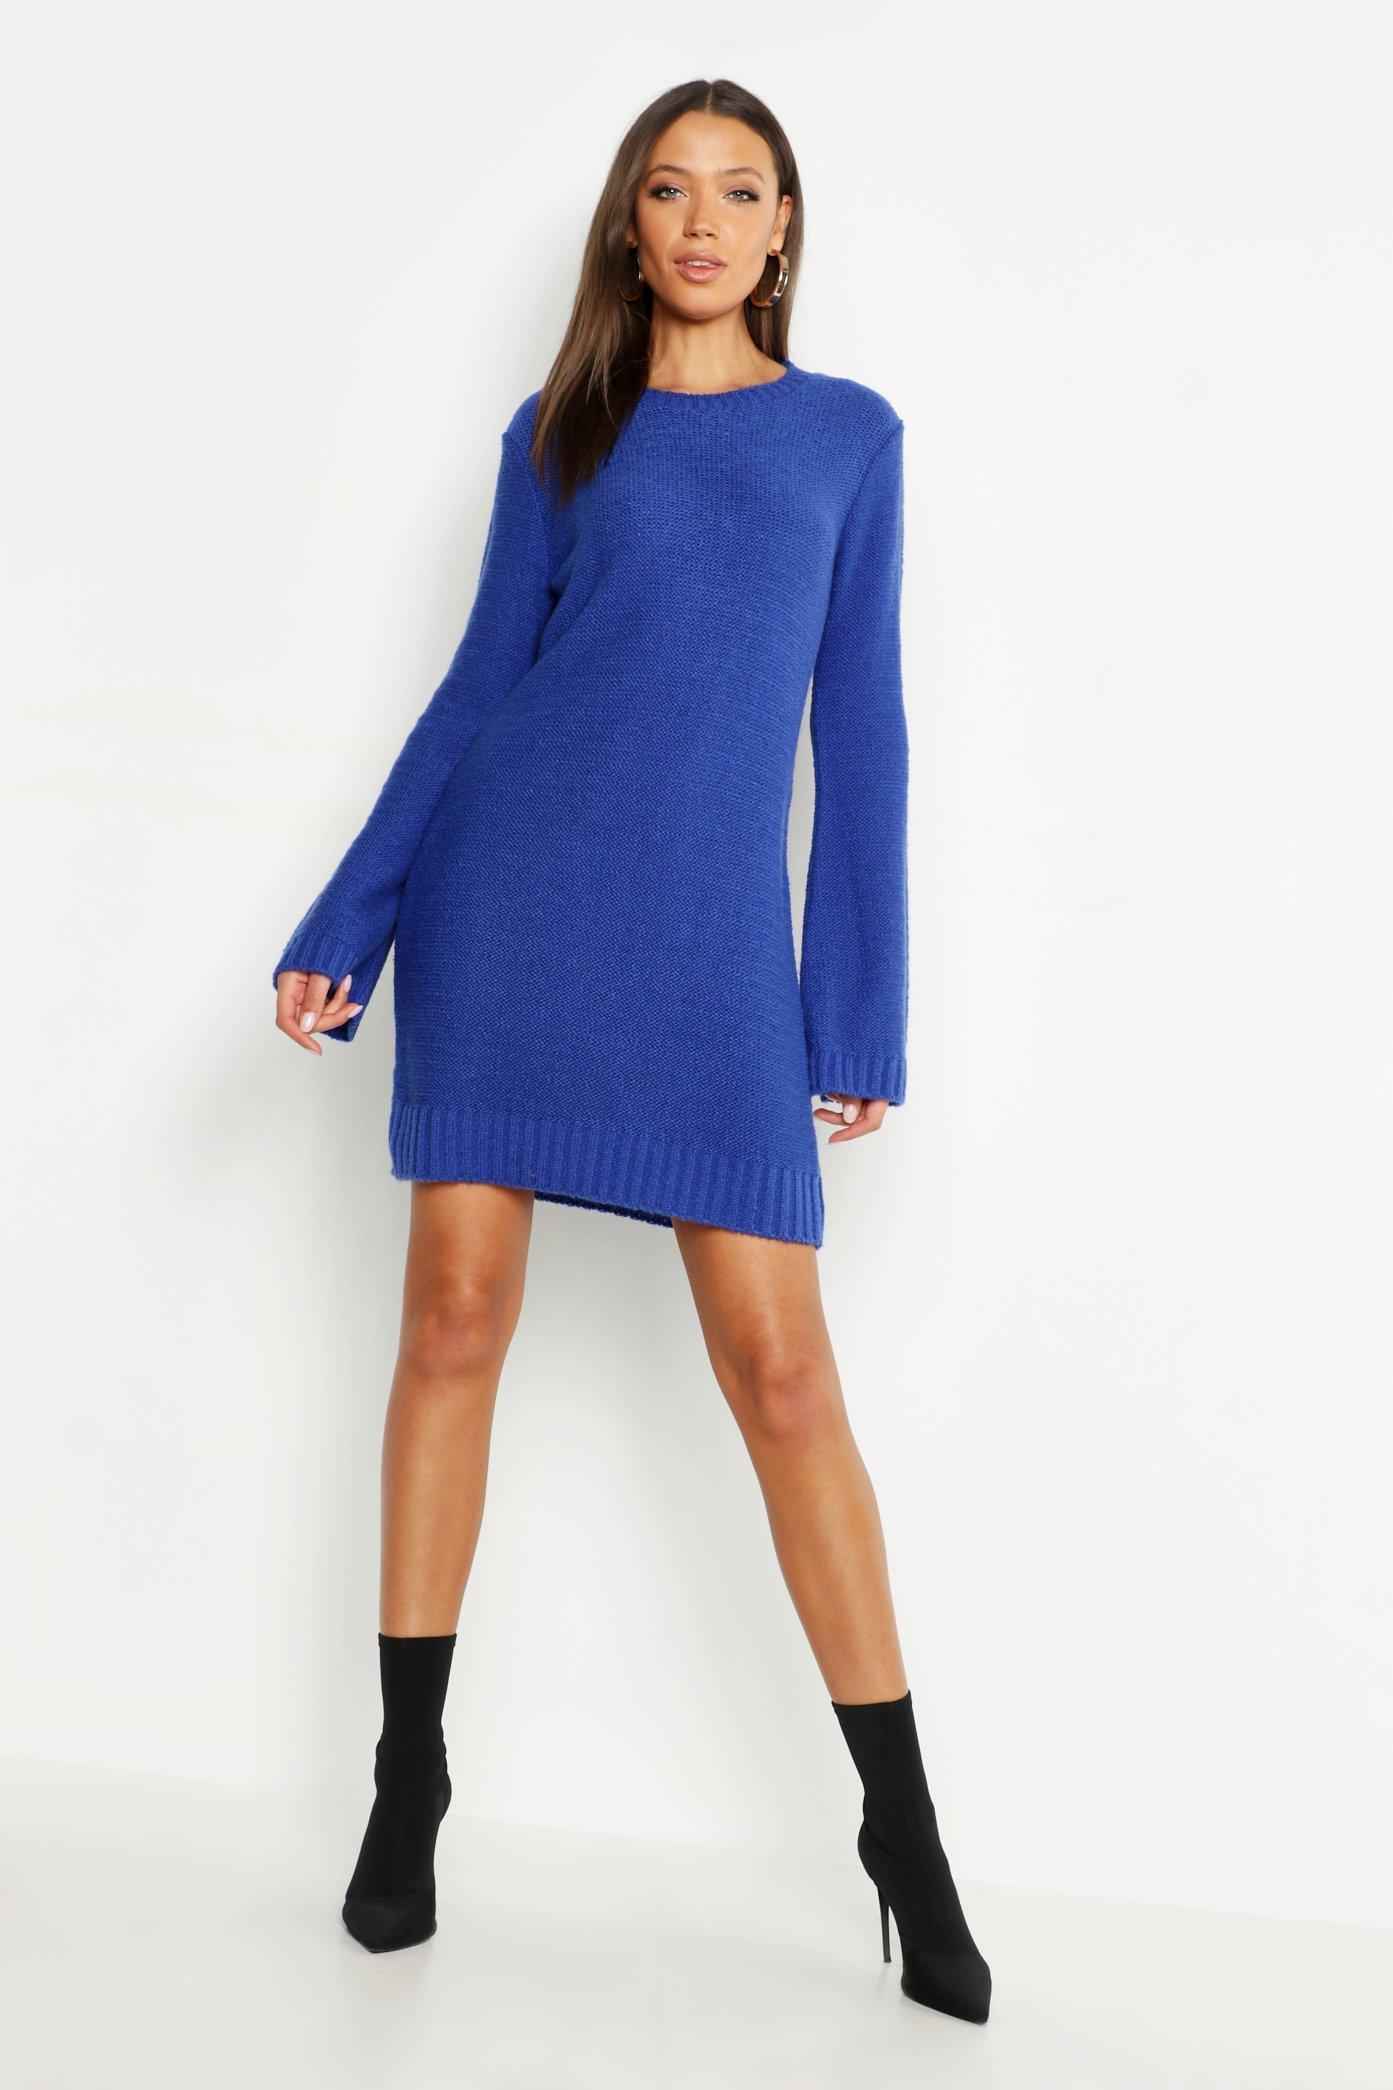 Womens Tall Wide Sleeve Jumper Dress - cobalt - L, Cobalt - Boohoo.com